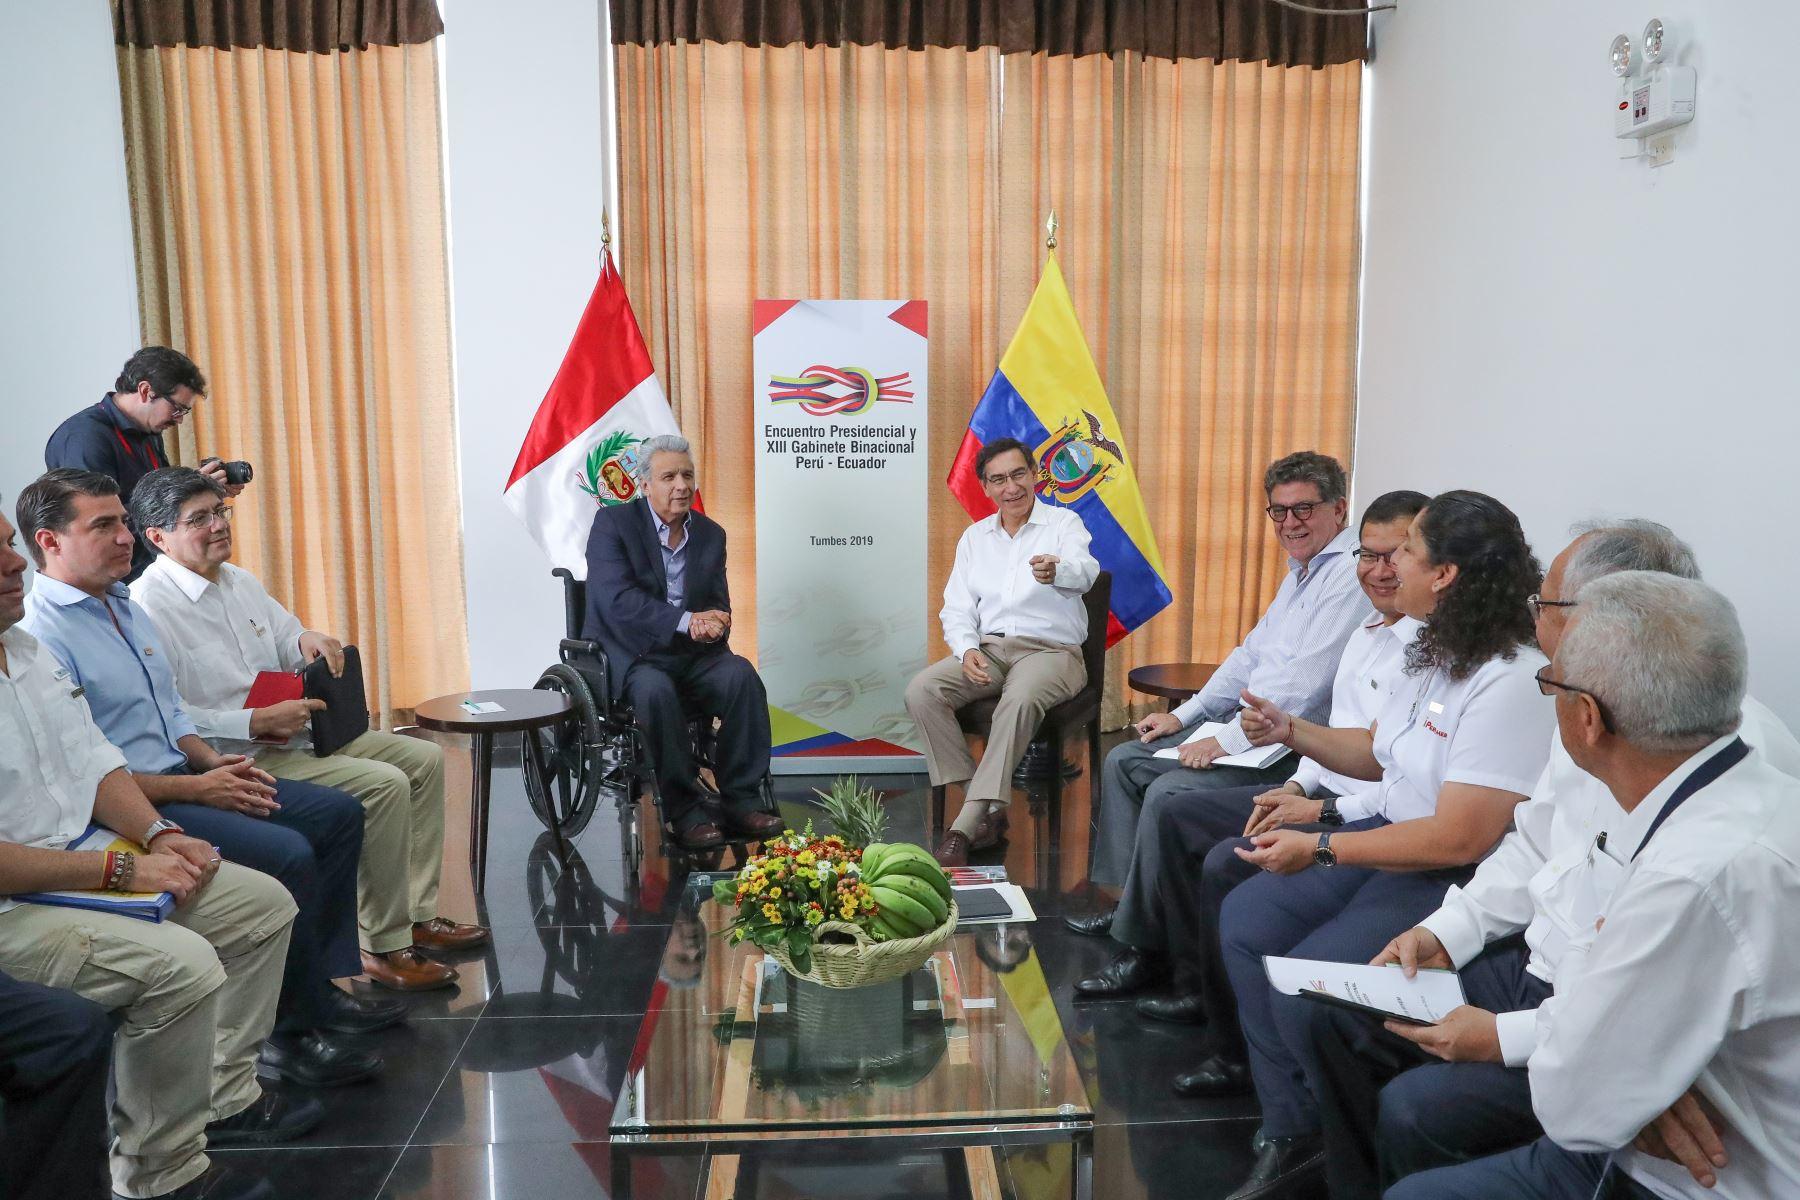 Jefes de Estado Perú y Ecuador se reúnen en Tumbes, previo a su participación en el Encuentro Presidencial y XIII Gabinete Binacional Perú – Ecuador. Foto: ANDINA/ Prensa Presidencia